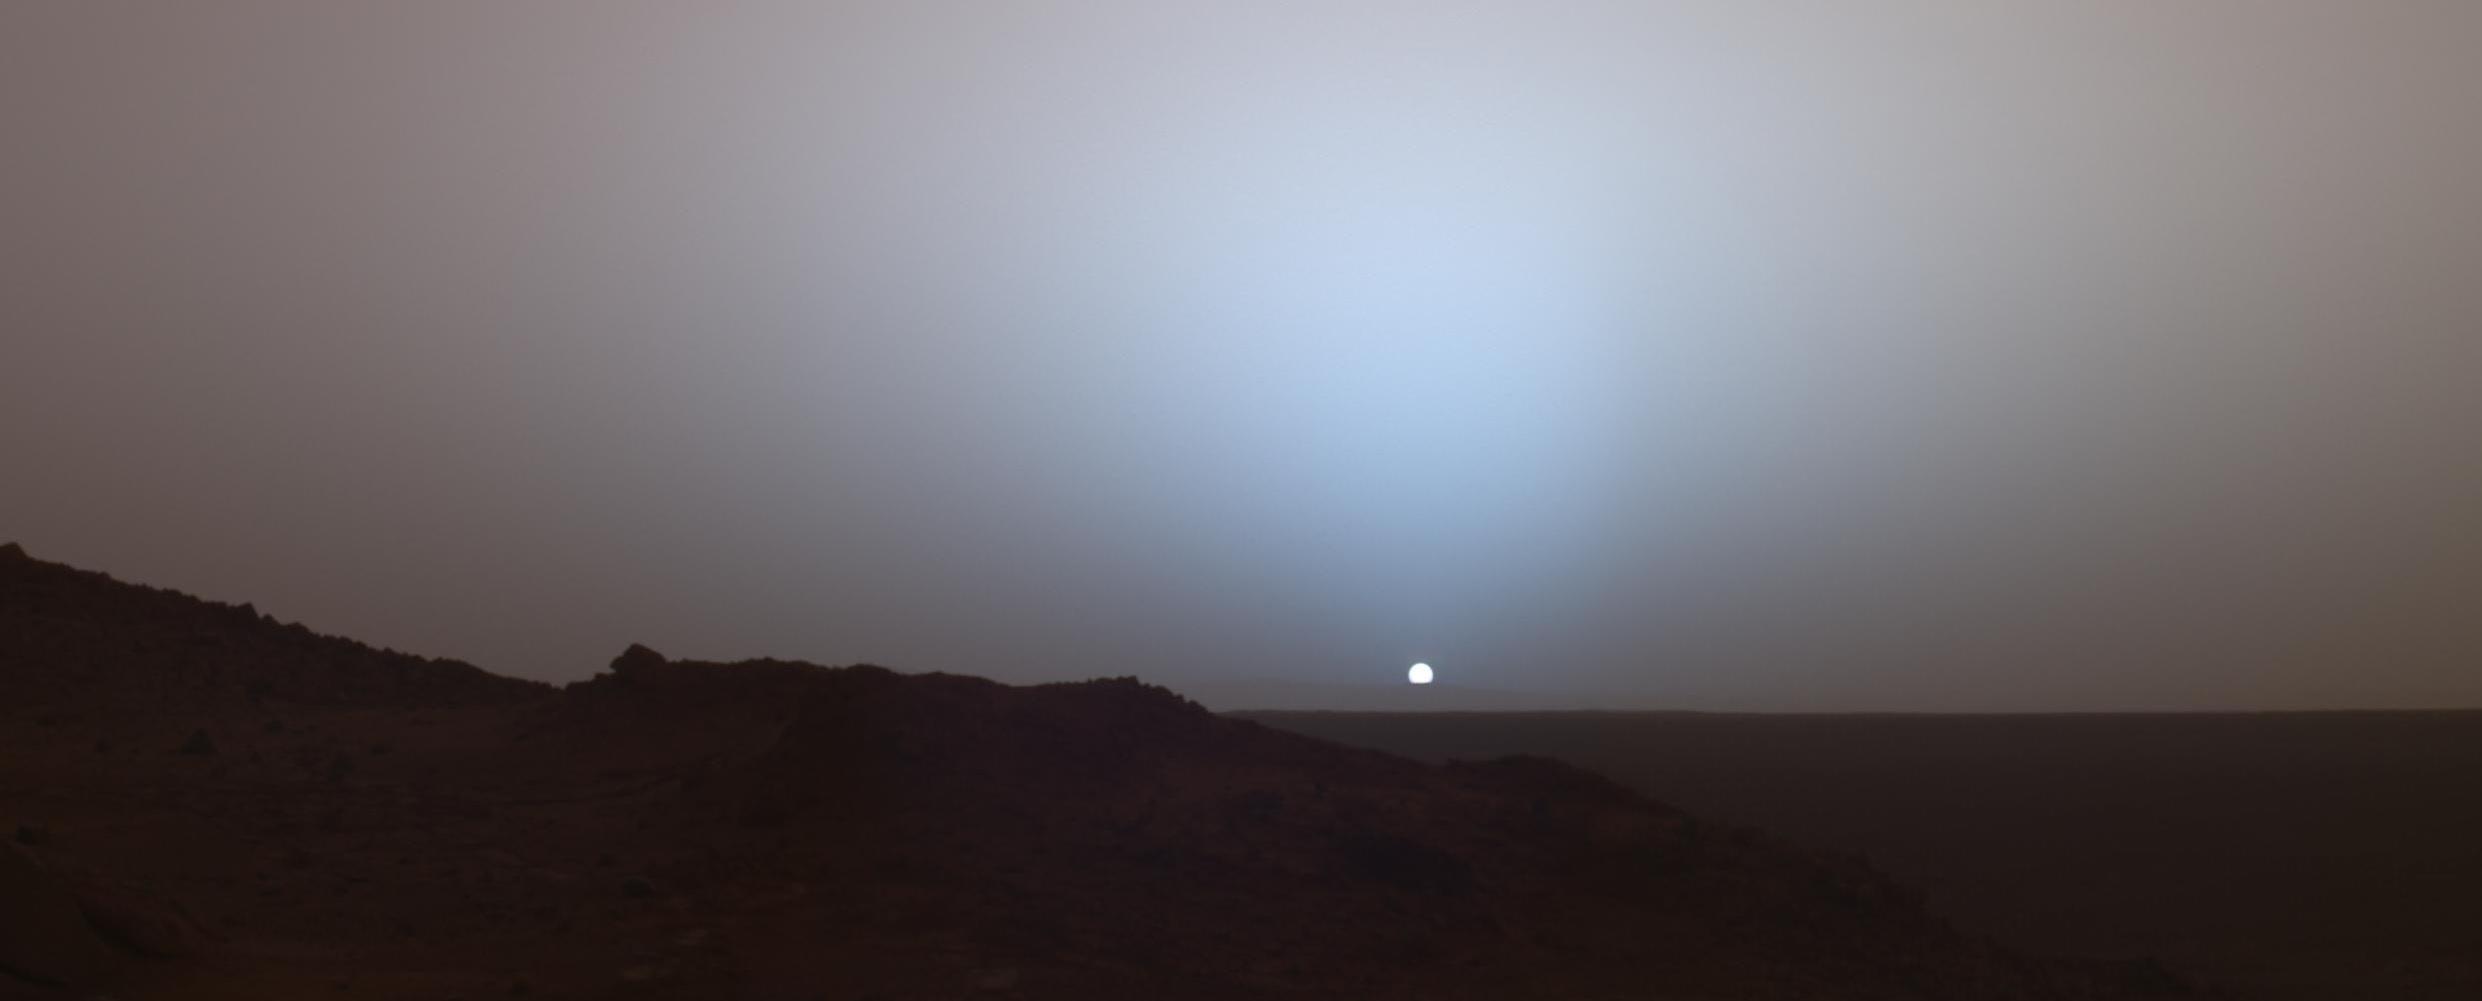 sol464a_twilight-pia07997-full.jpg